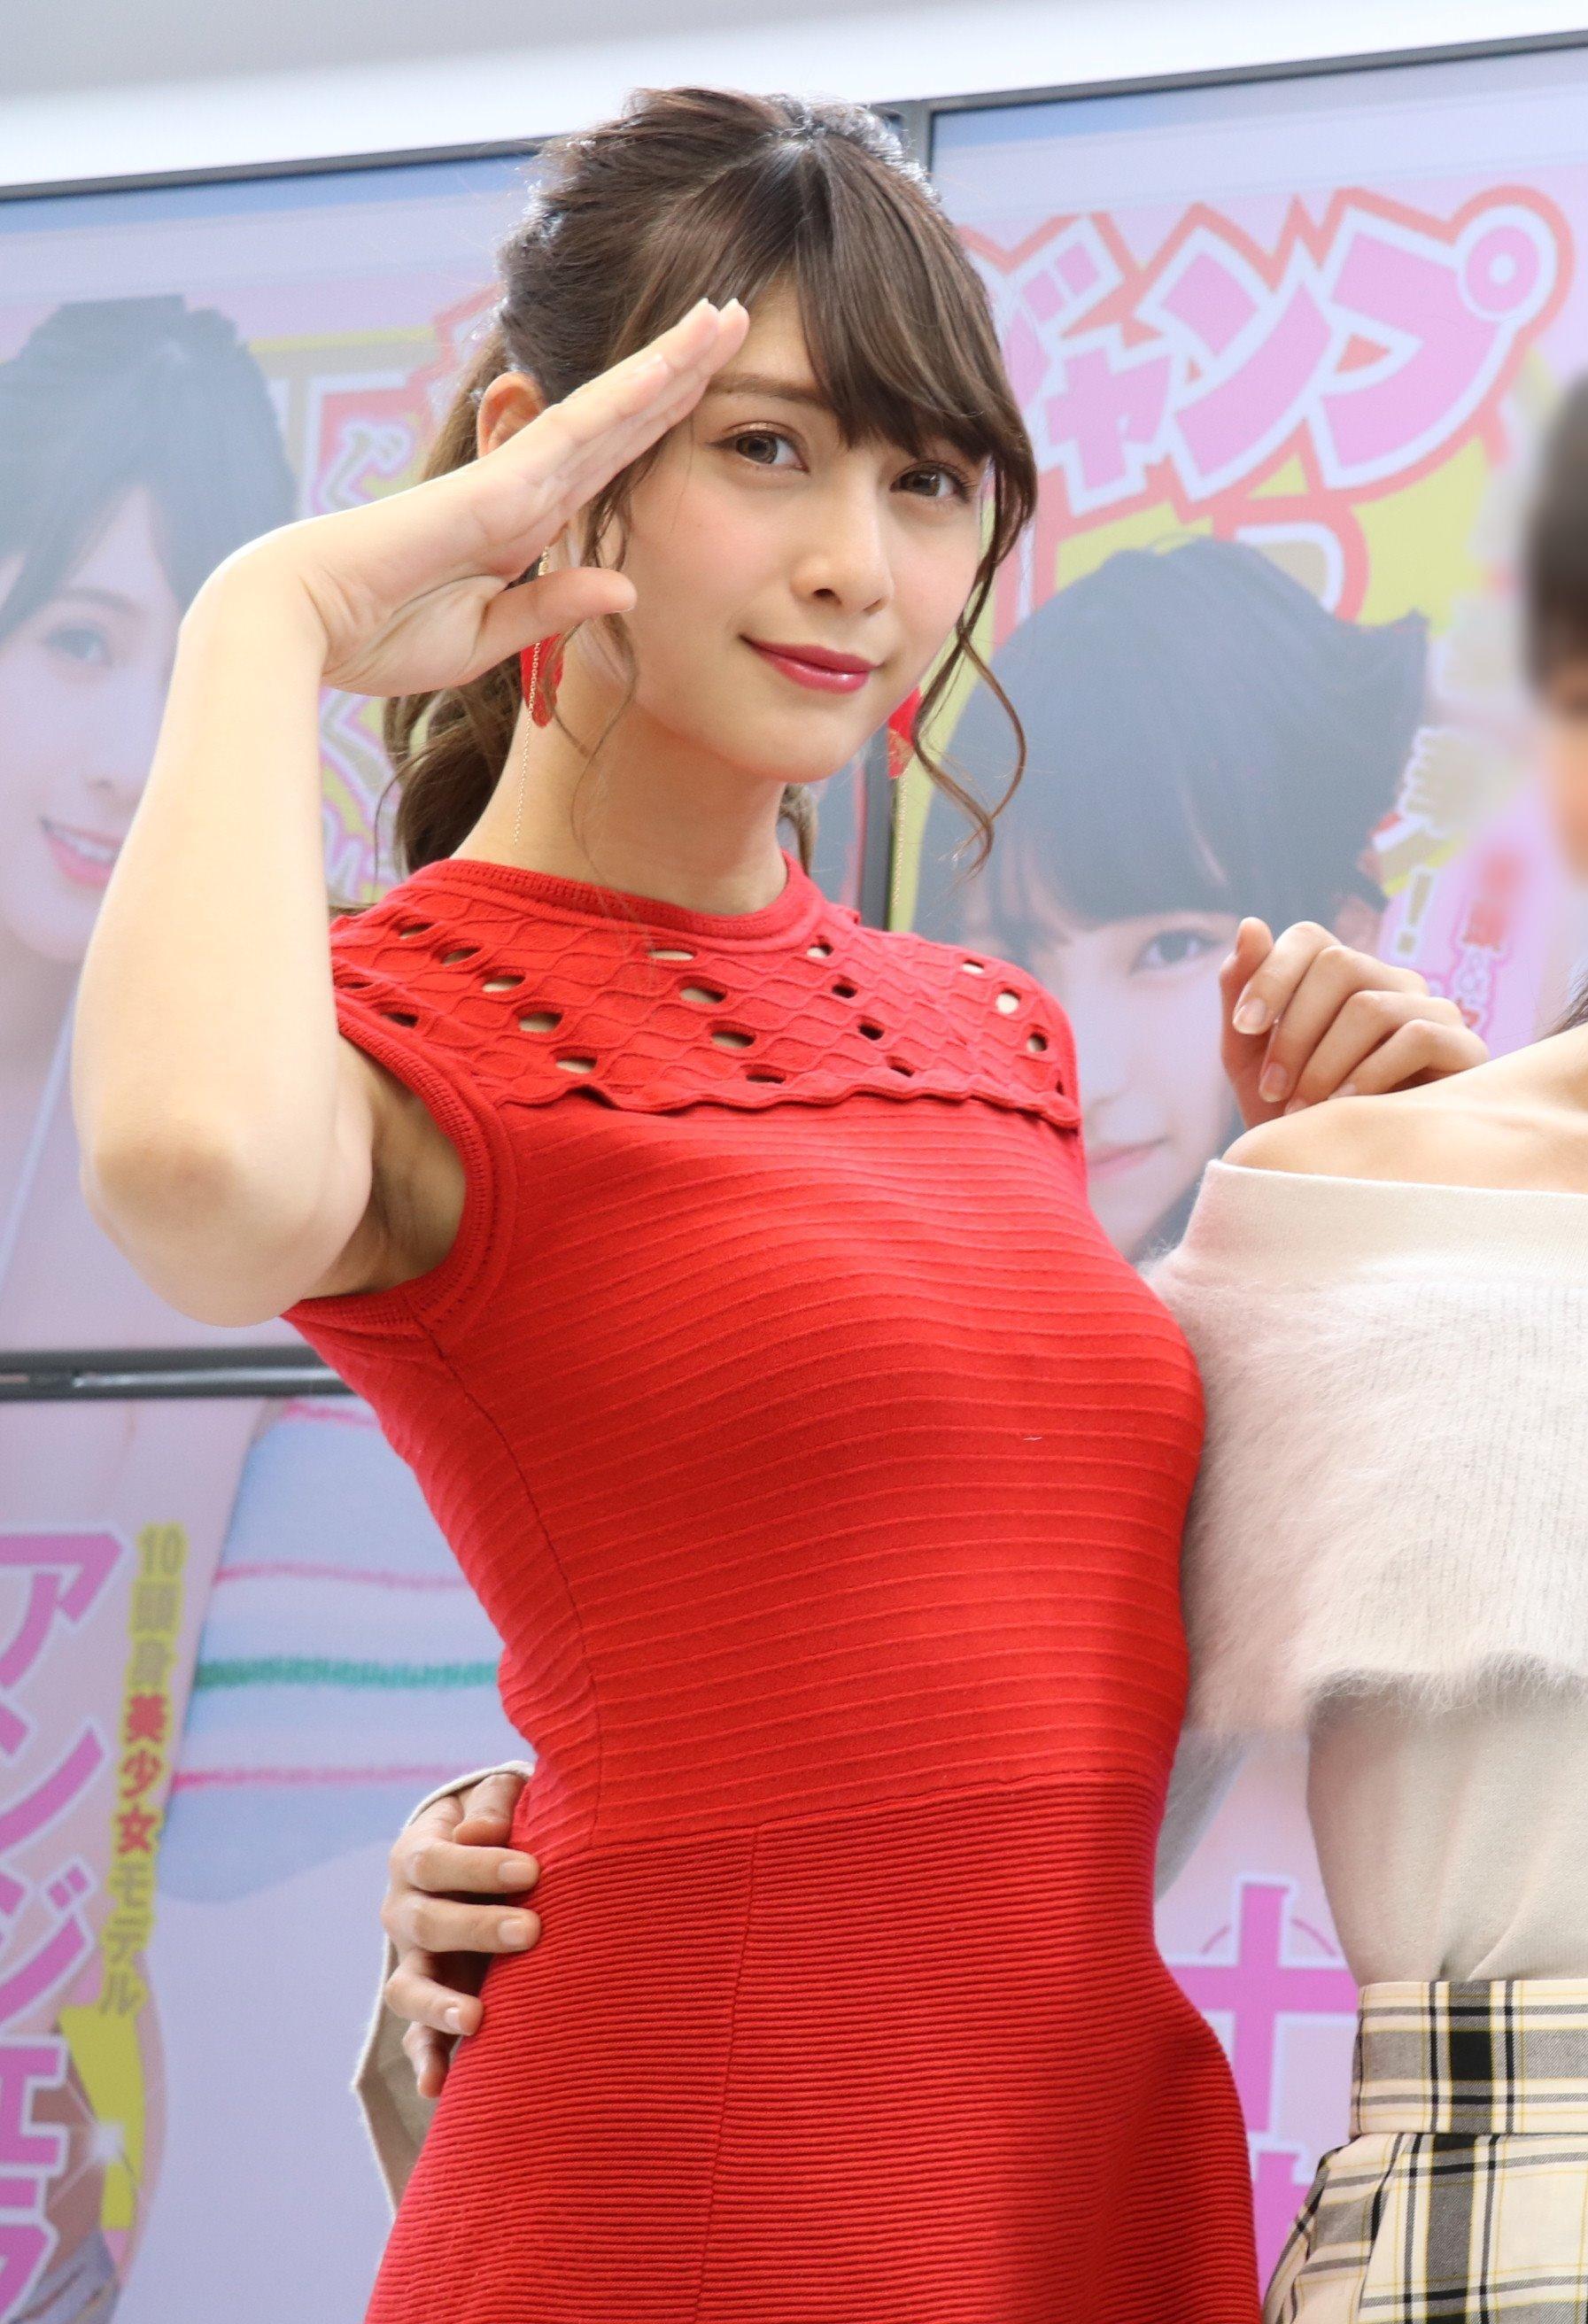 アンジェラ芽衣のシワ腋 (4)